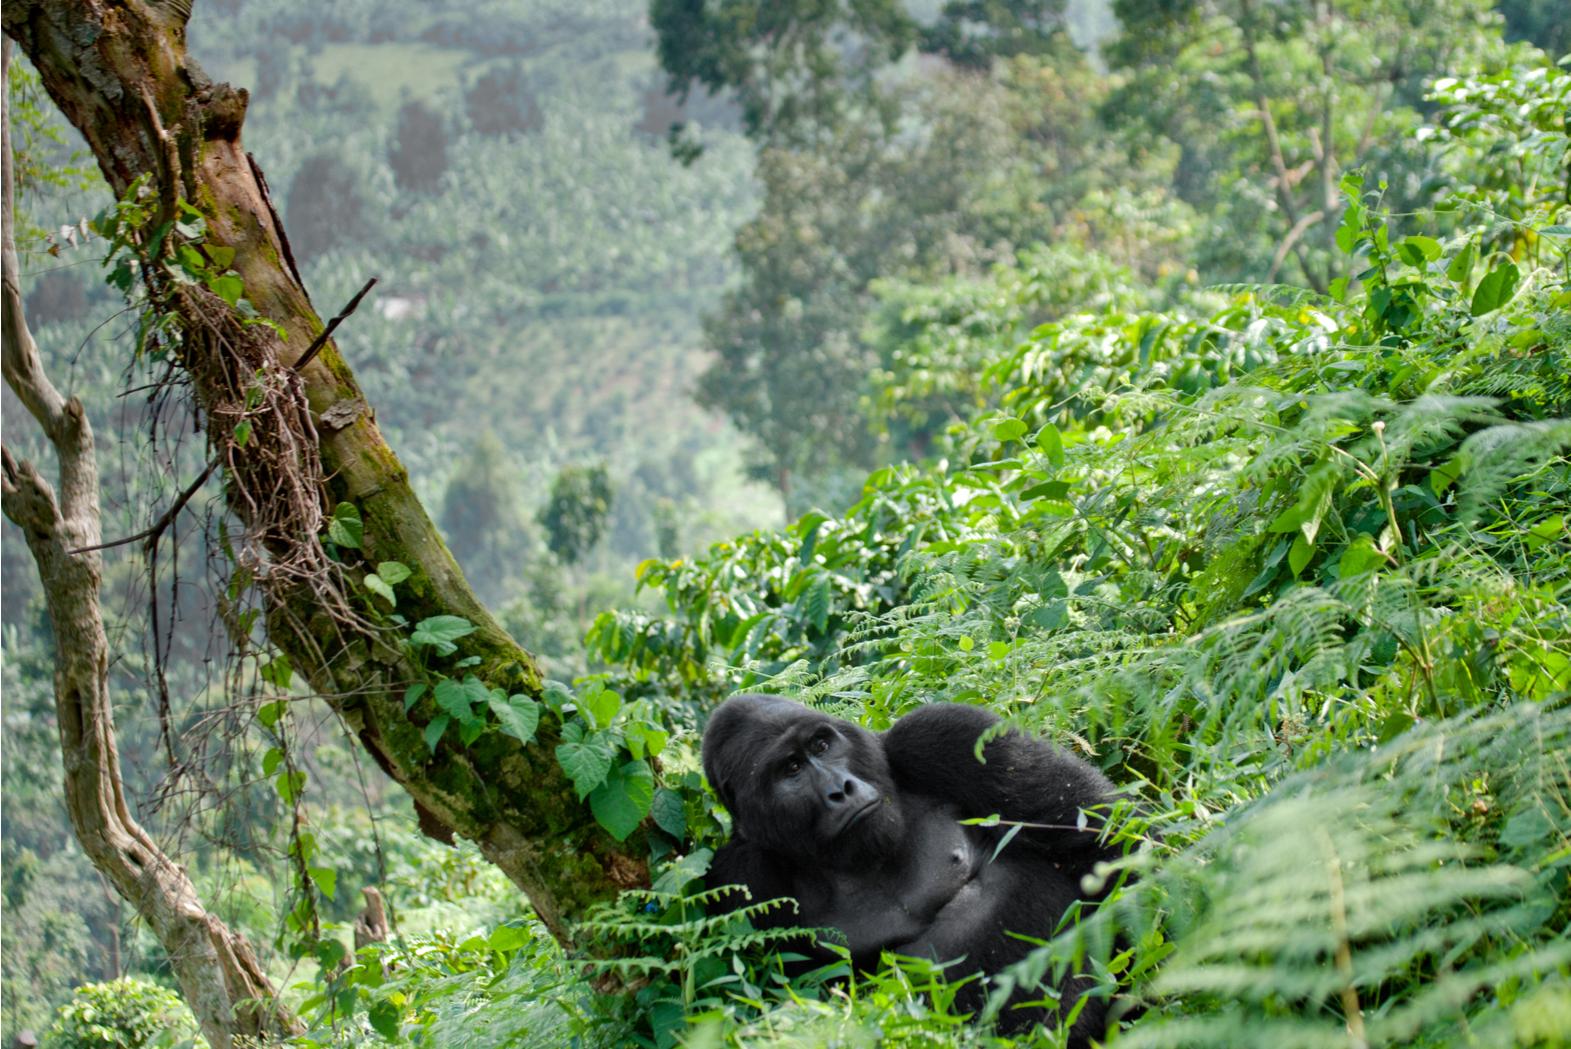 WWF turns to satellites to protect endangered mountain gorillas